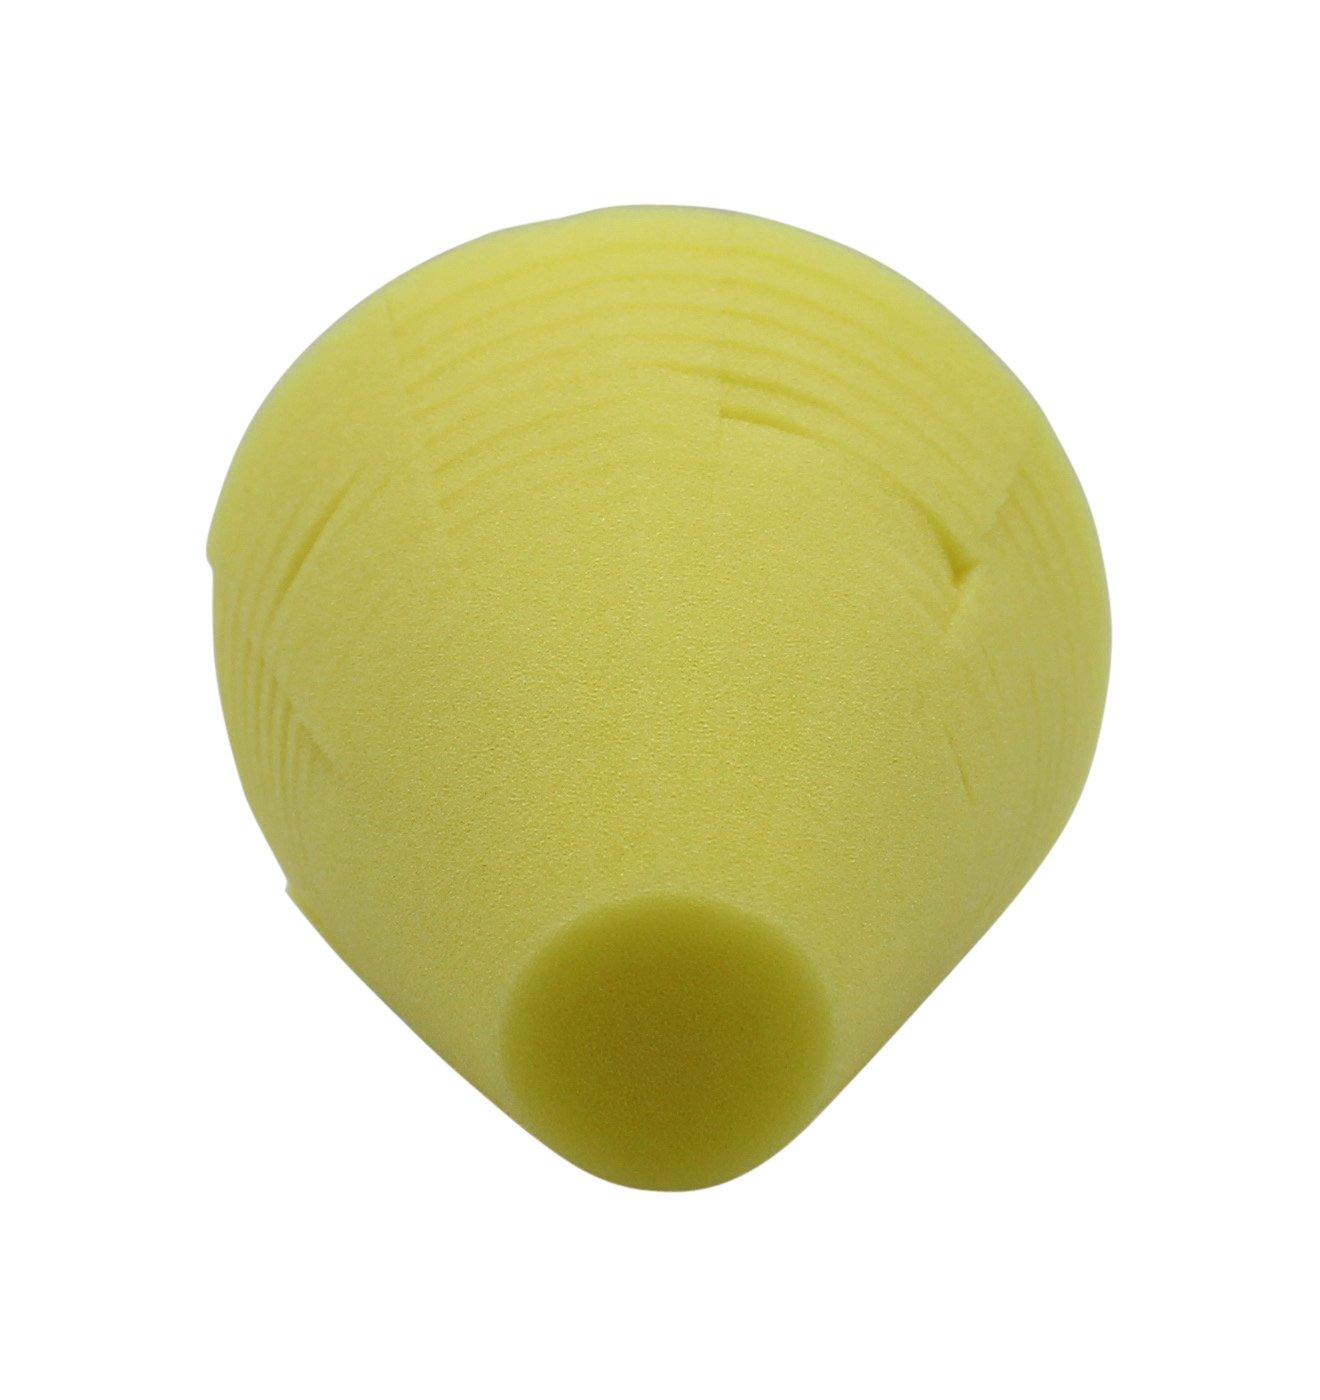 cleanofant lucidatura spugna duro giallo–lucidatura/Spugna per pulizia di inserto per trapano + Avvitatore a batteria. Giallo: abrasiv (staerkere schleif effetto)–Per Roulotte, Camper, Caravan